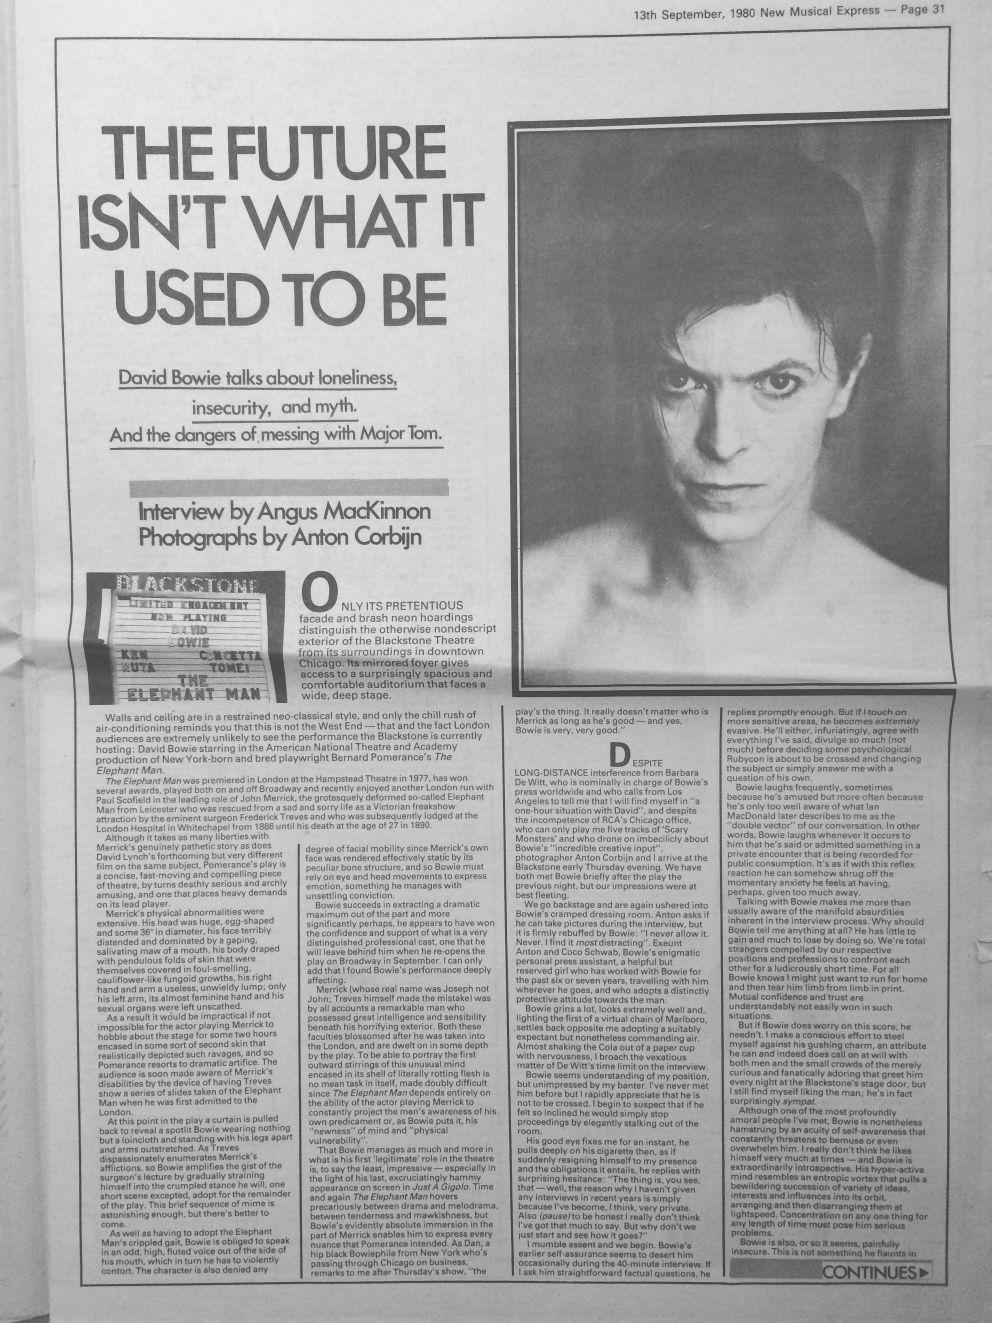 SchöN 1984 Presseheft ´84 John Hurt Richard Burton George Orwell